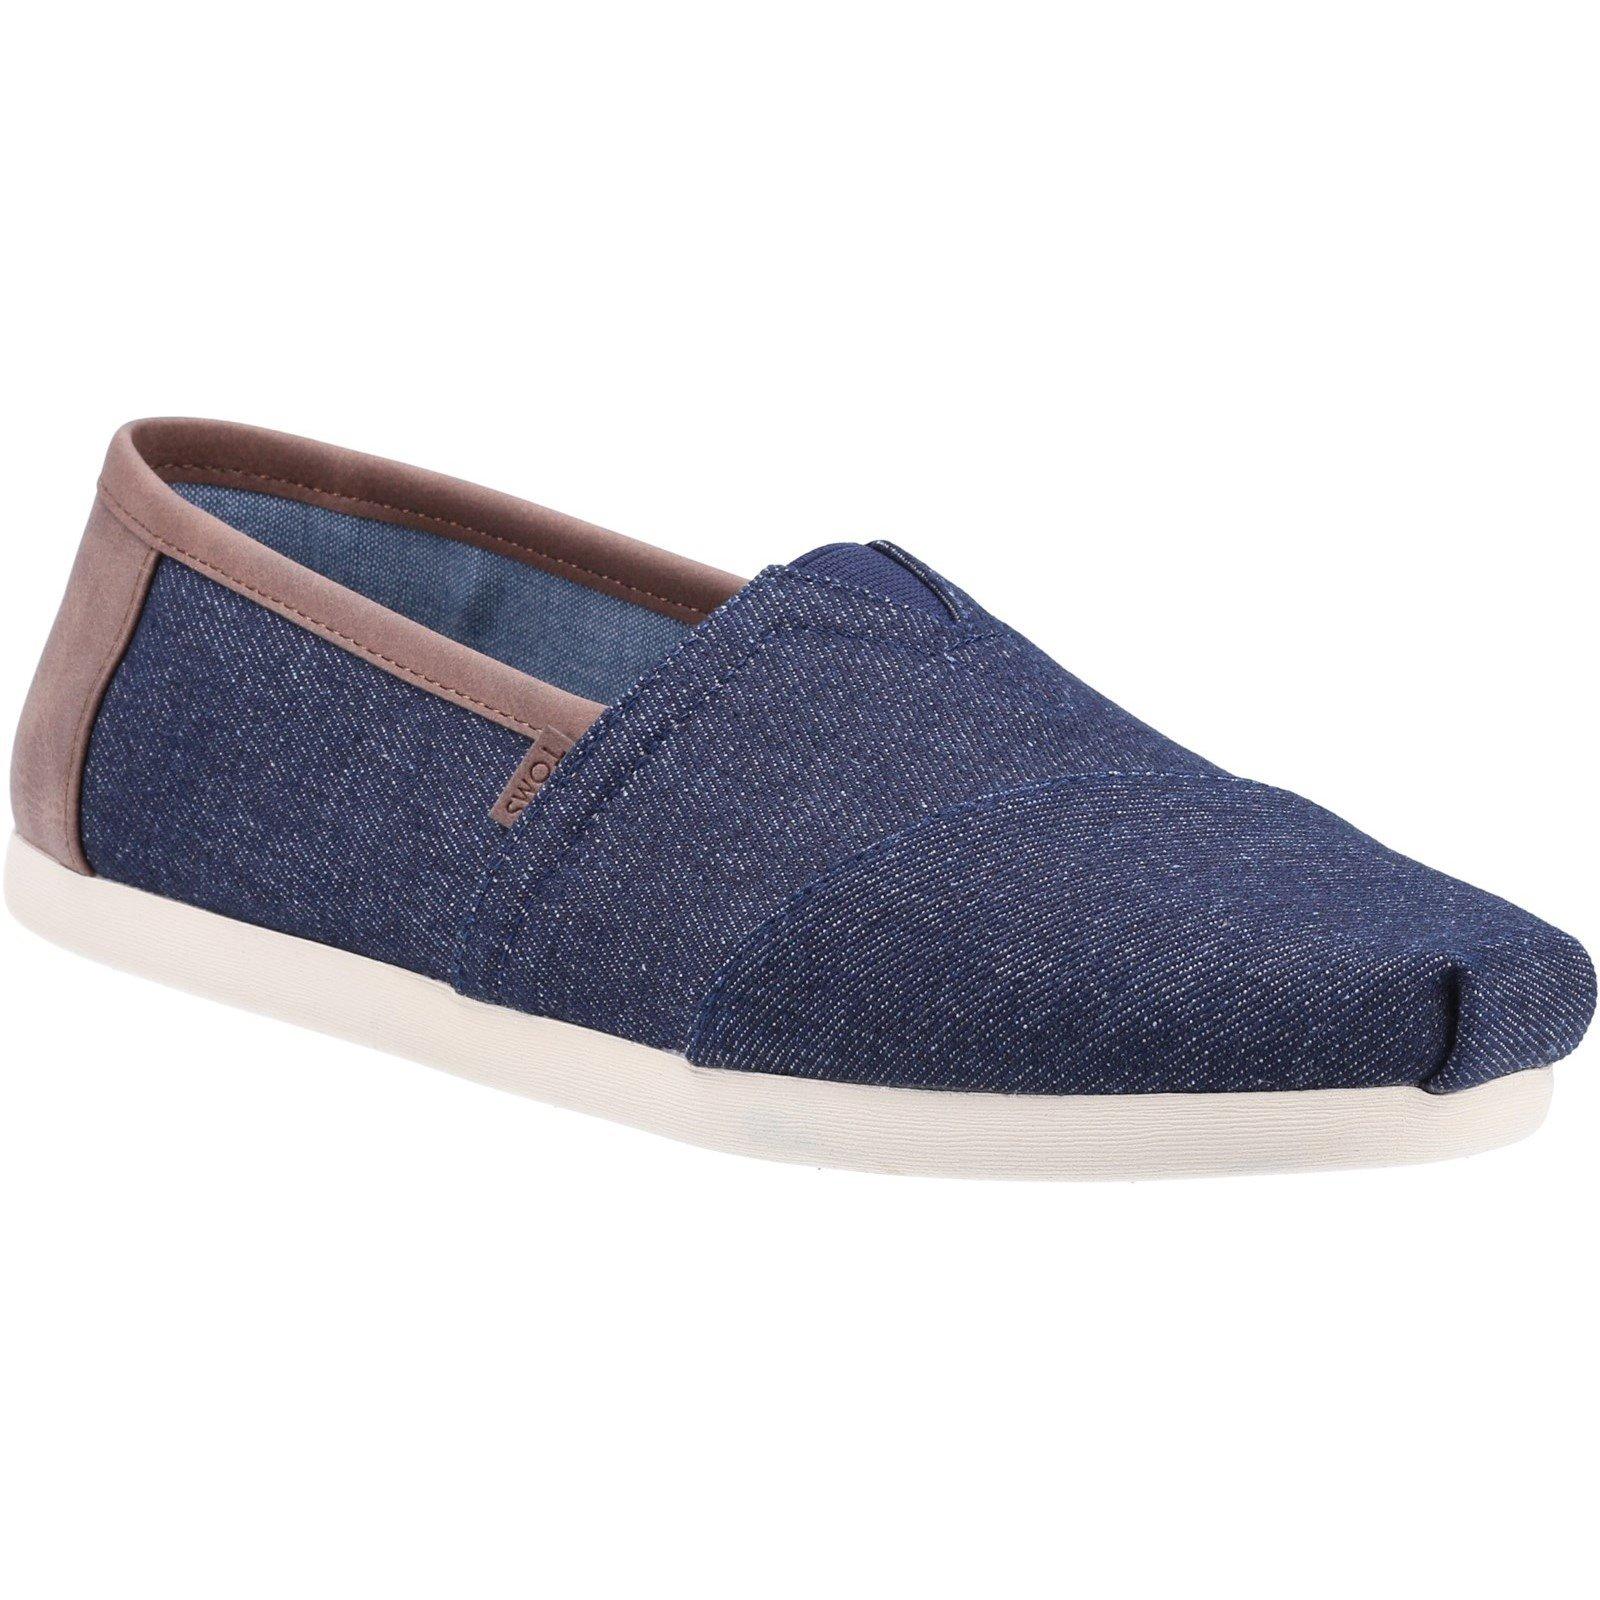 TOMS Men's Alpargata Dark Denim Trim Loafer Blue 32548 - Blue 10